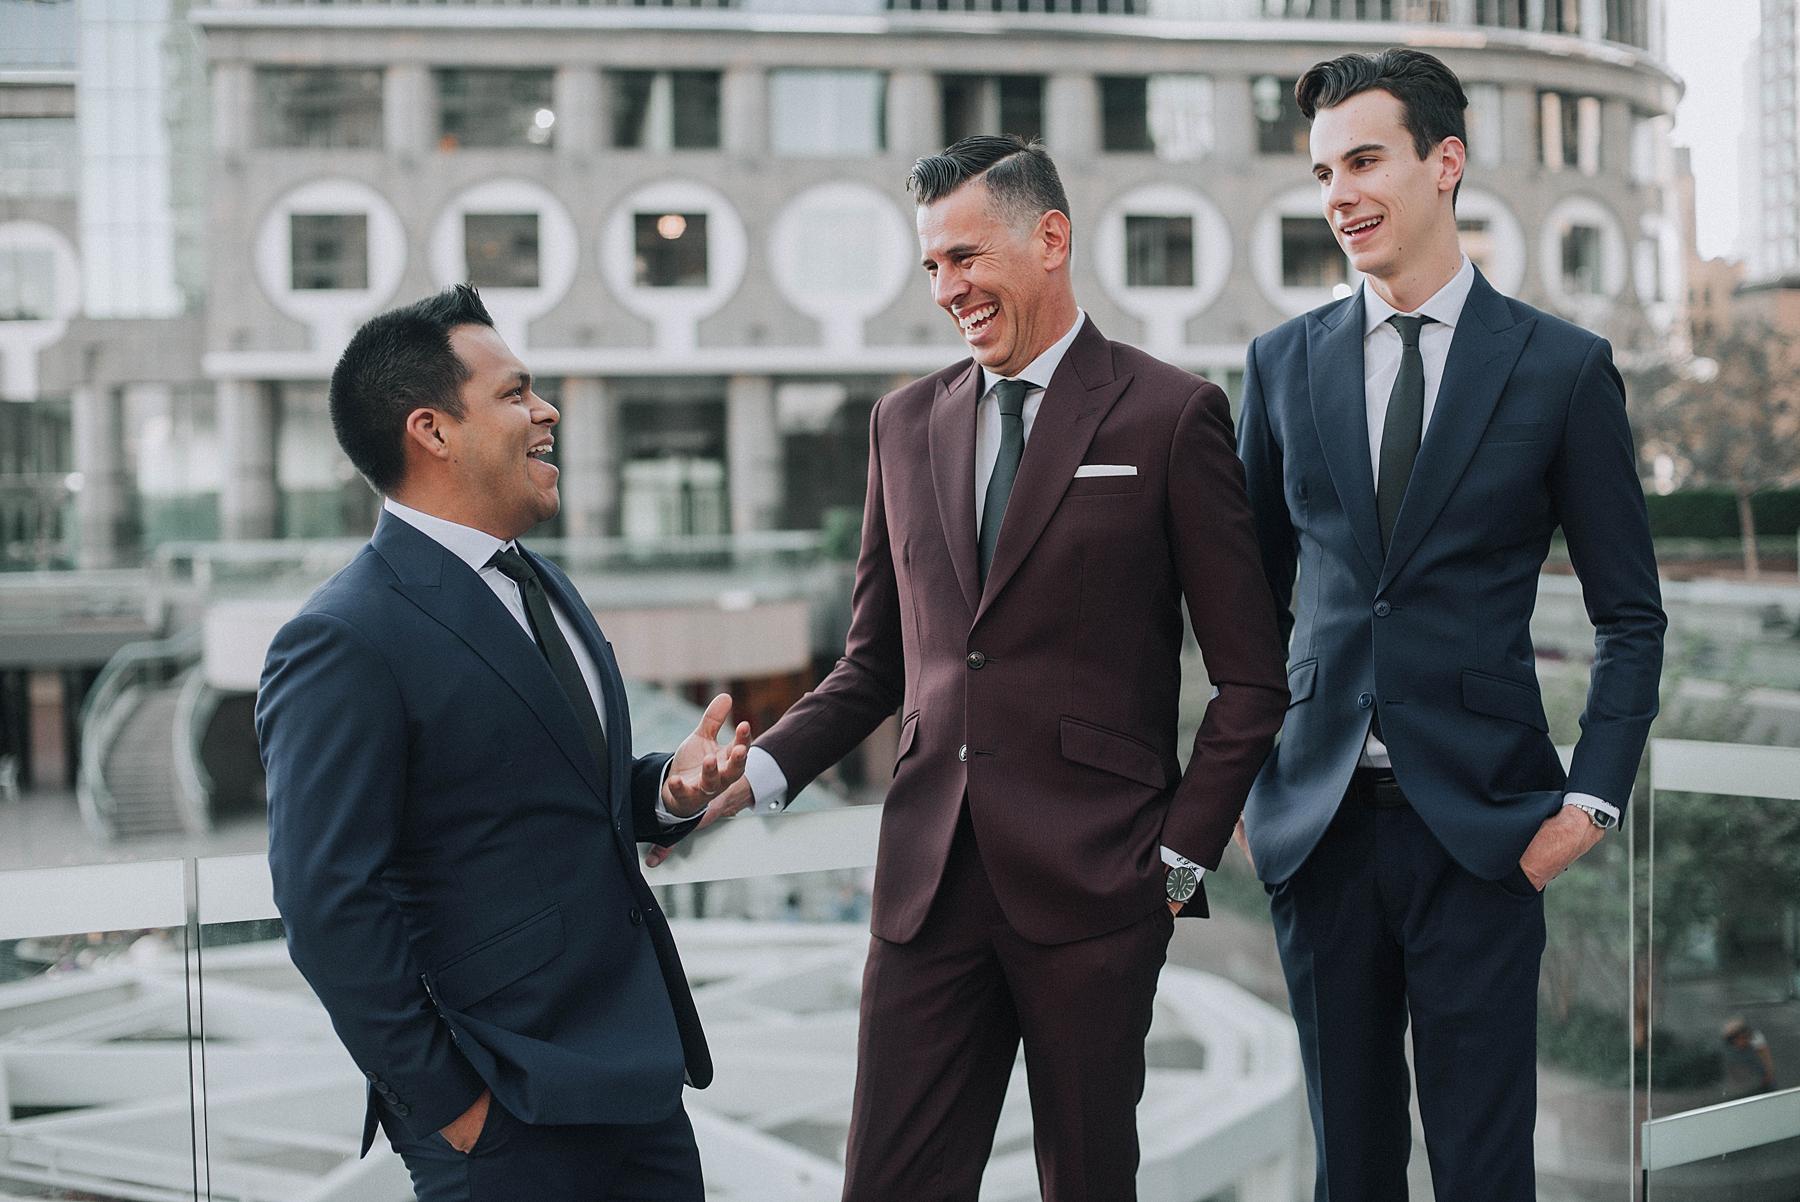 Groom and Groomsmen, Marriott Downton Los Angeles